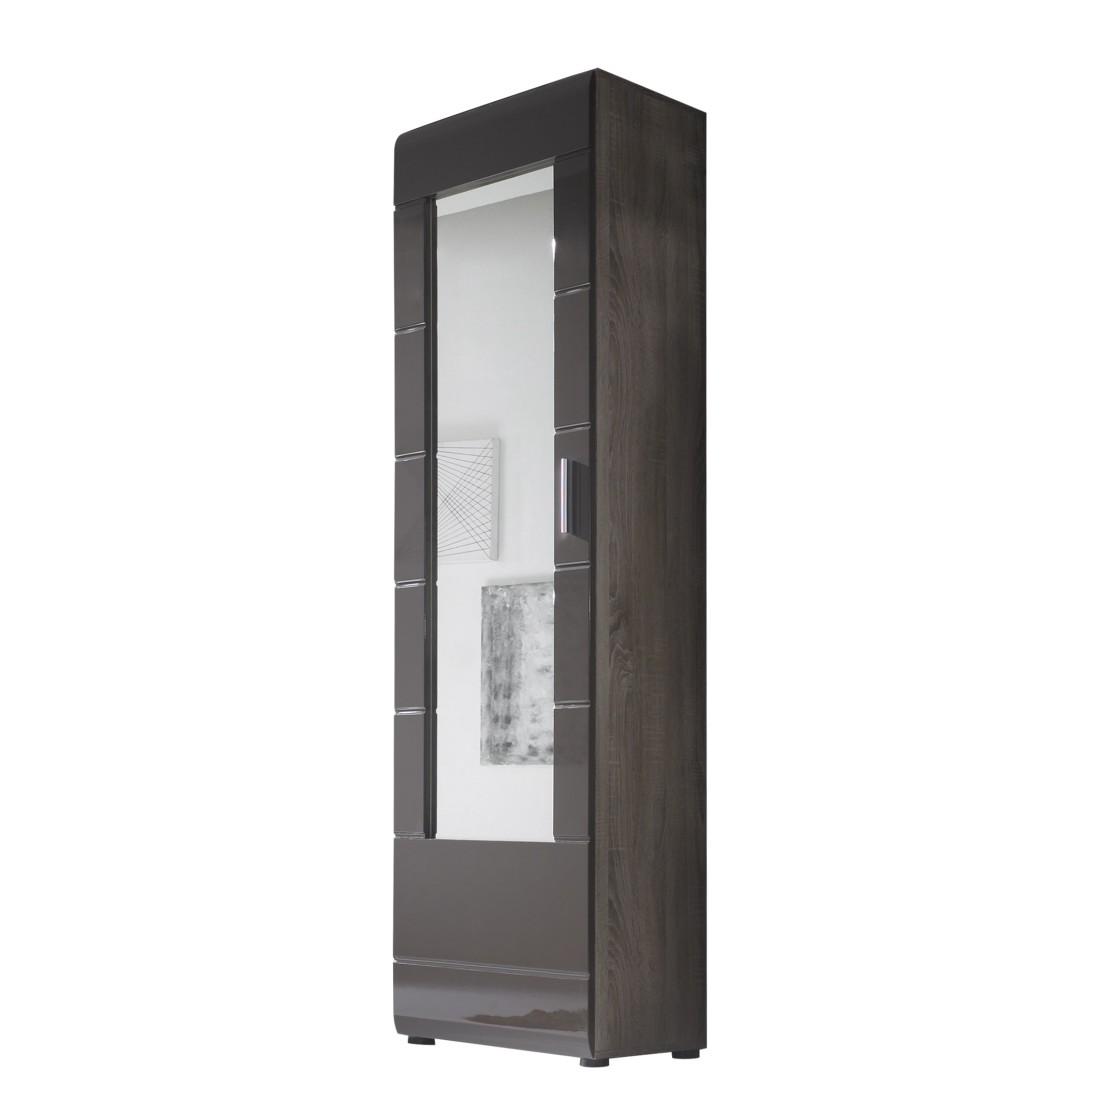 Garderobenschr nke archive seite 4 von 12 for Garderobenschrank schwarz hochglanz